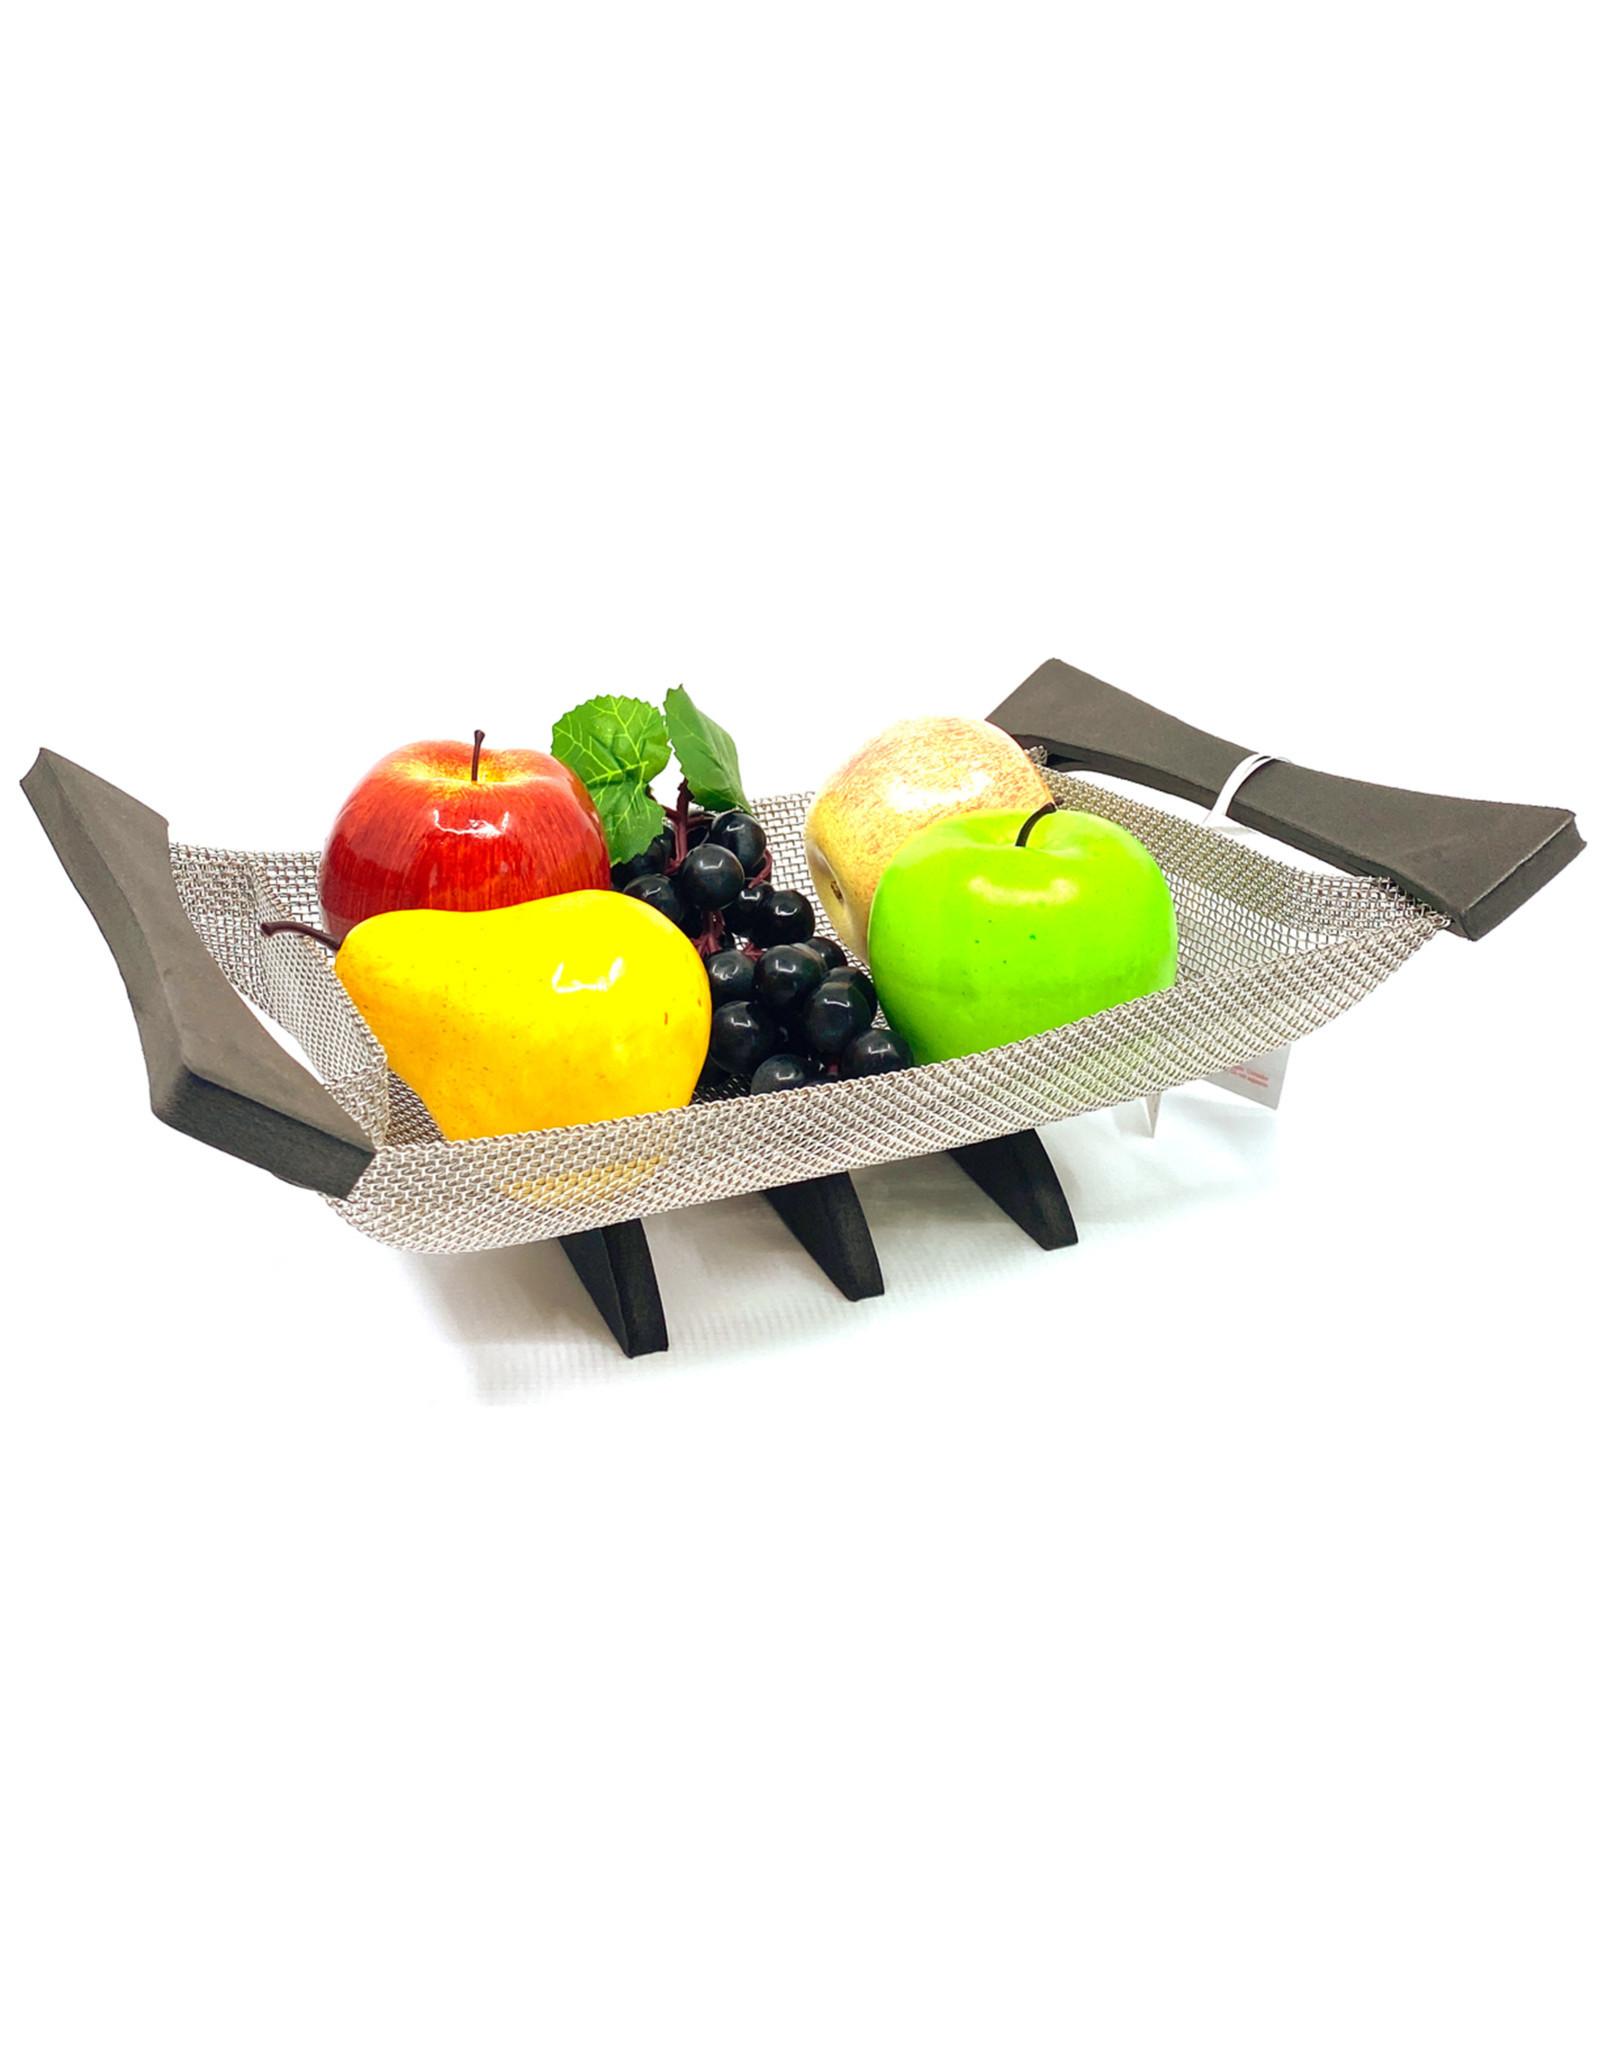 SANTAMARINA DESIGNS MESH FRUIT BASKET